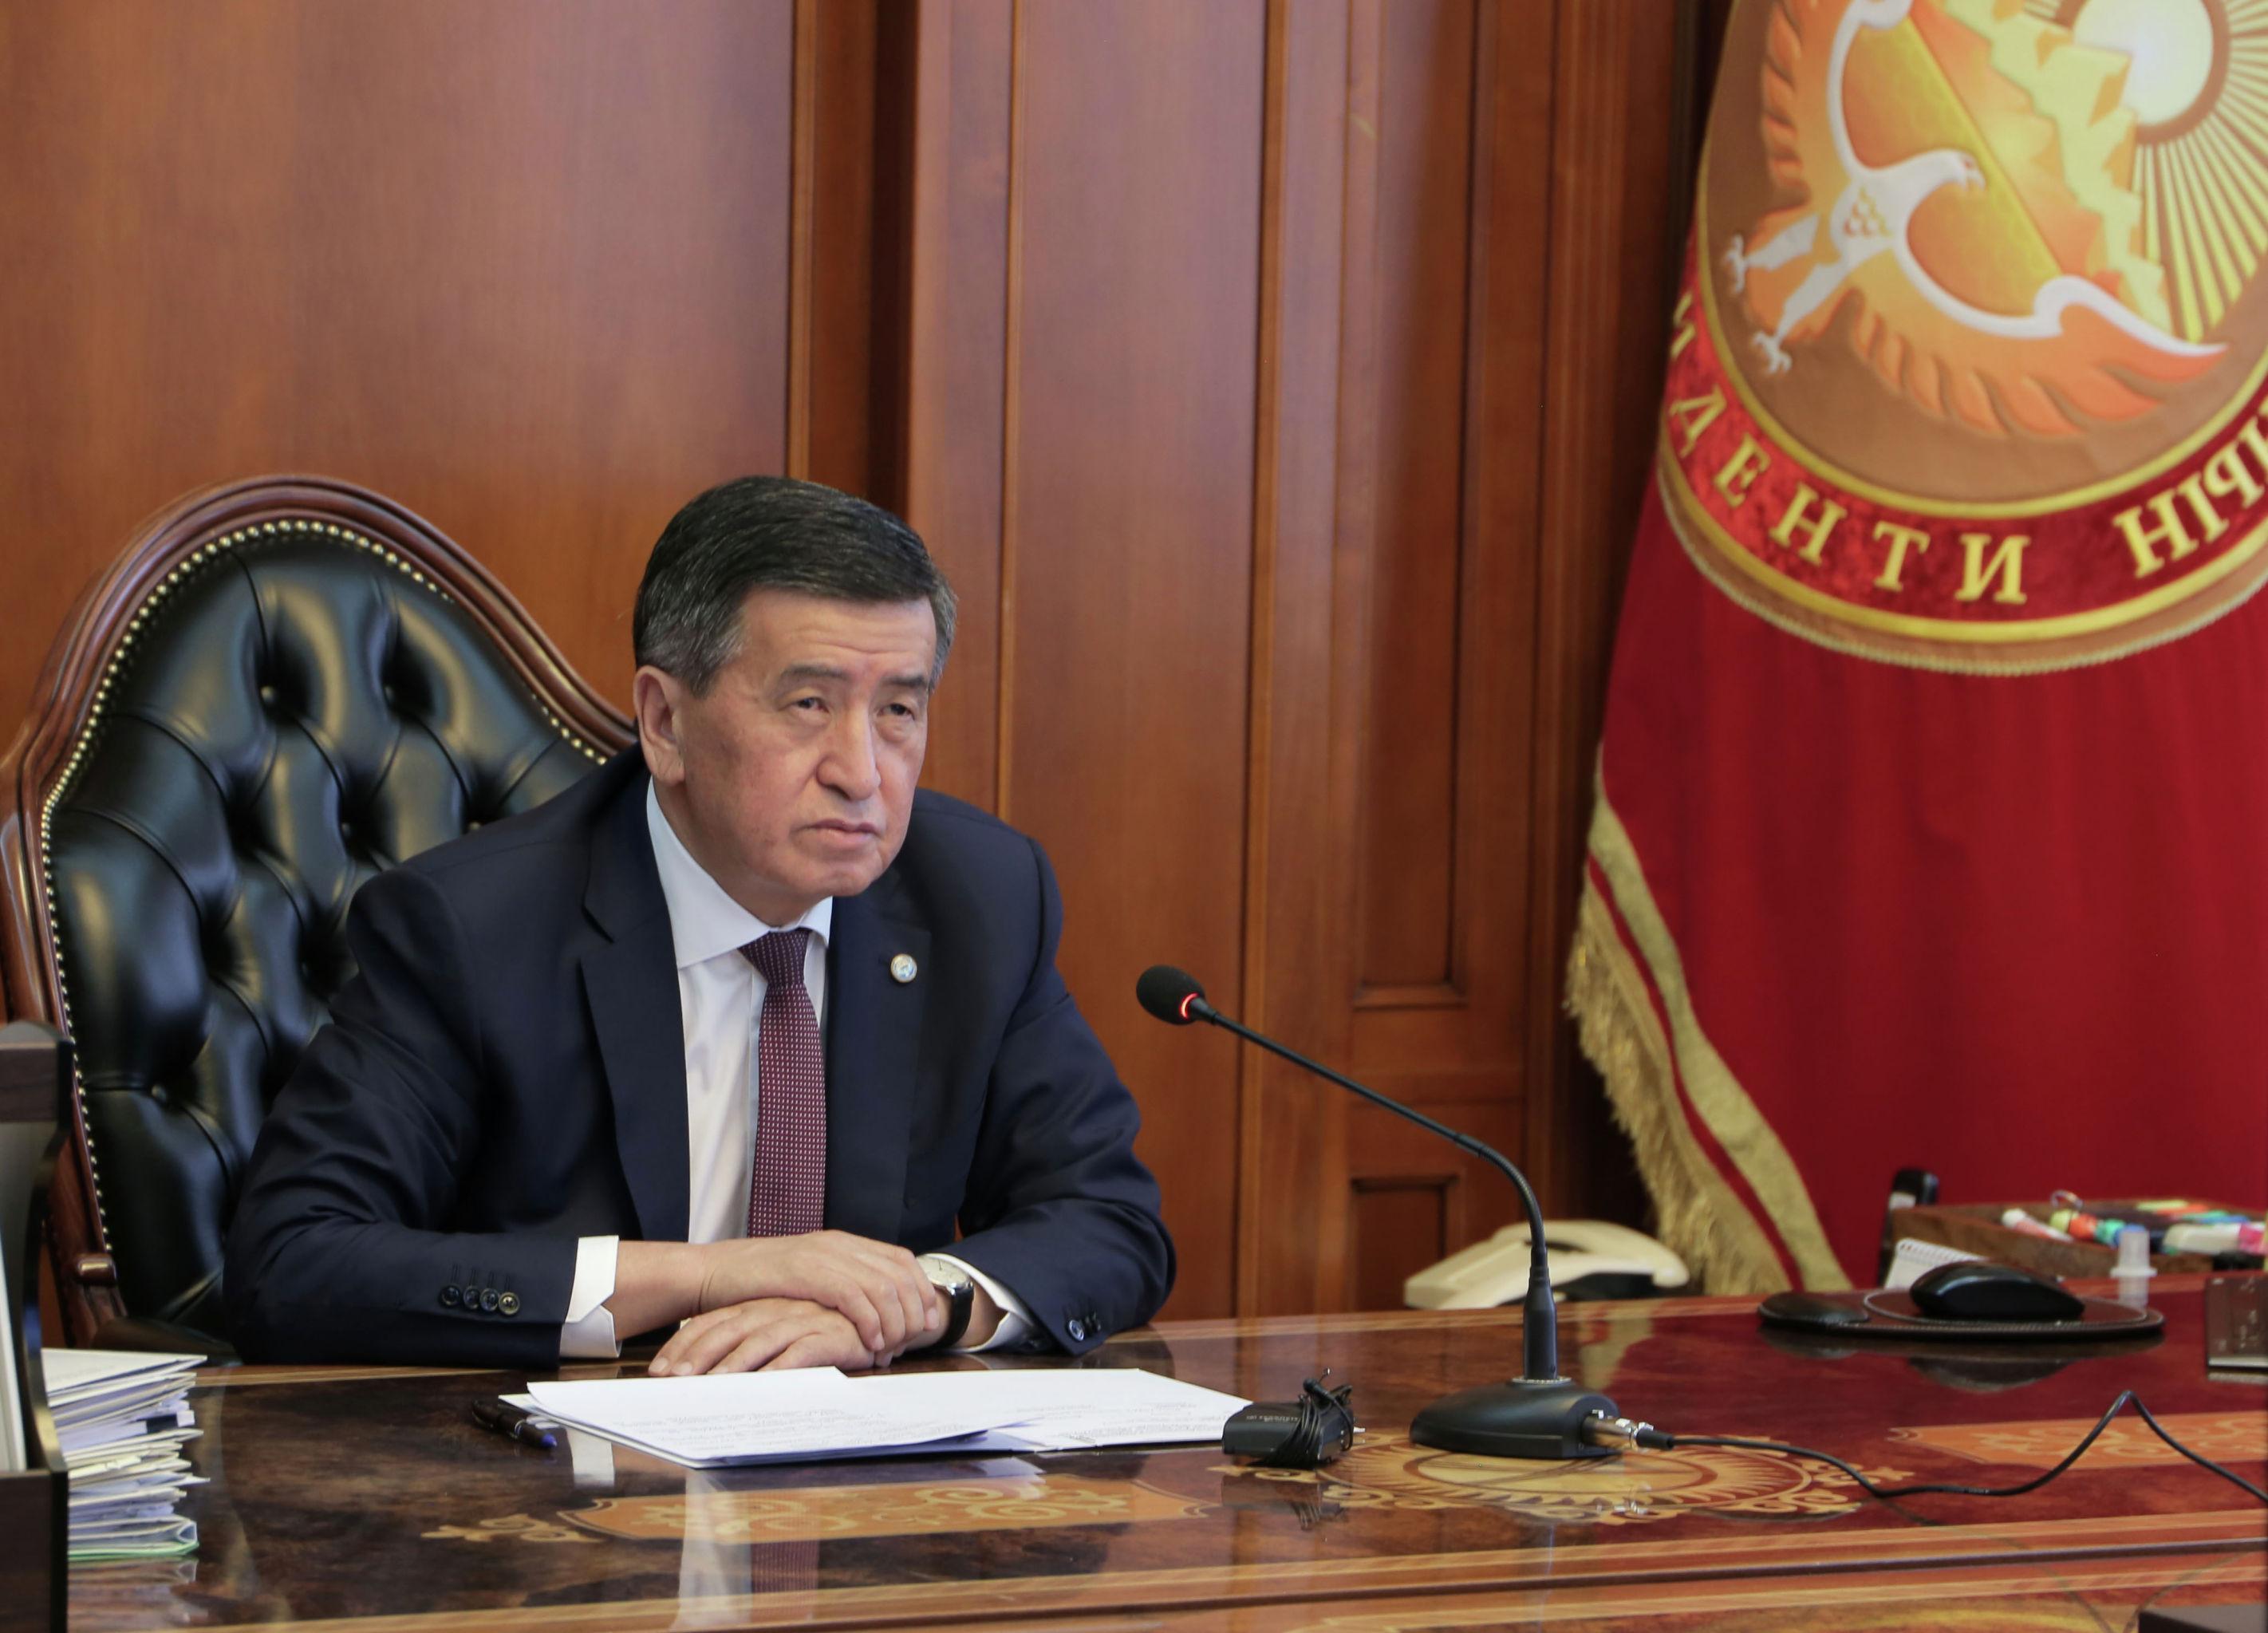 Президент Кыргызской Республики Сооронбай Жээнбеков во время онлайн-совещание с премьер-министром Кыргызской Республики Кубатбеком Бороновым. 20 июля 2020 года